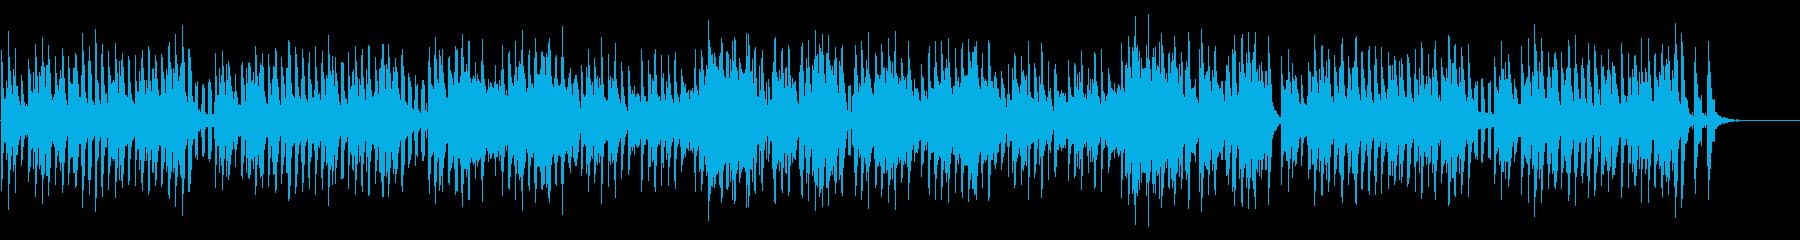 陽気なマリンバのお散歩ポップスの再生済みの波形